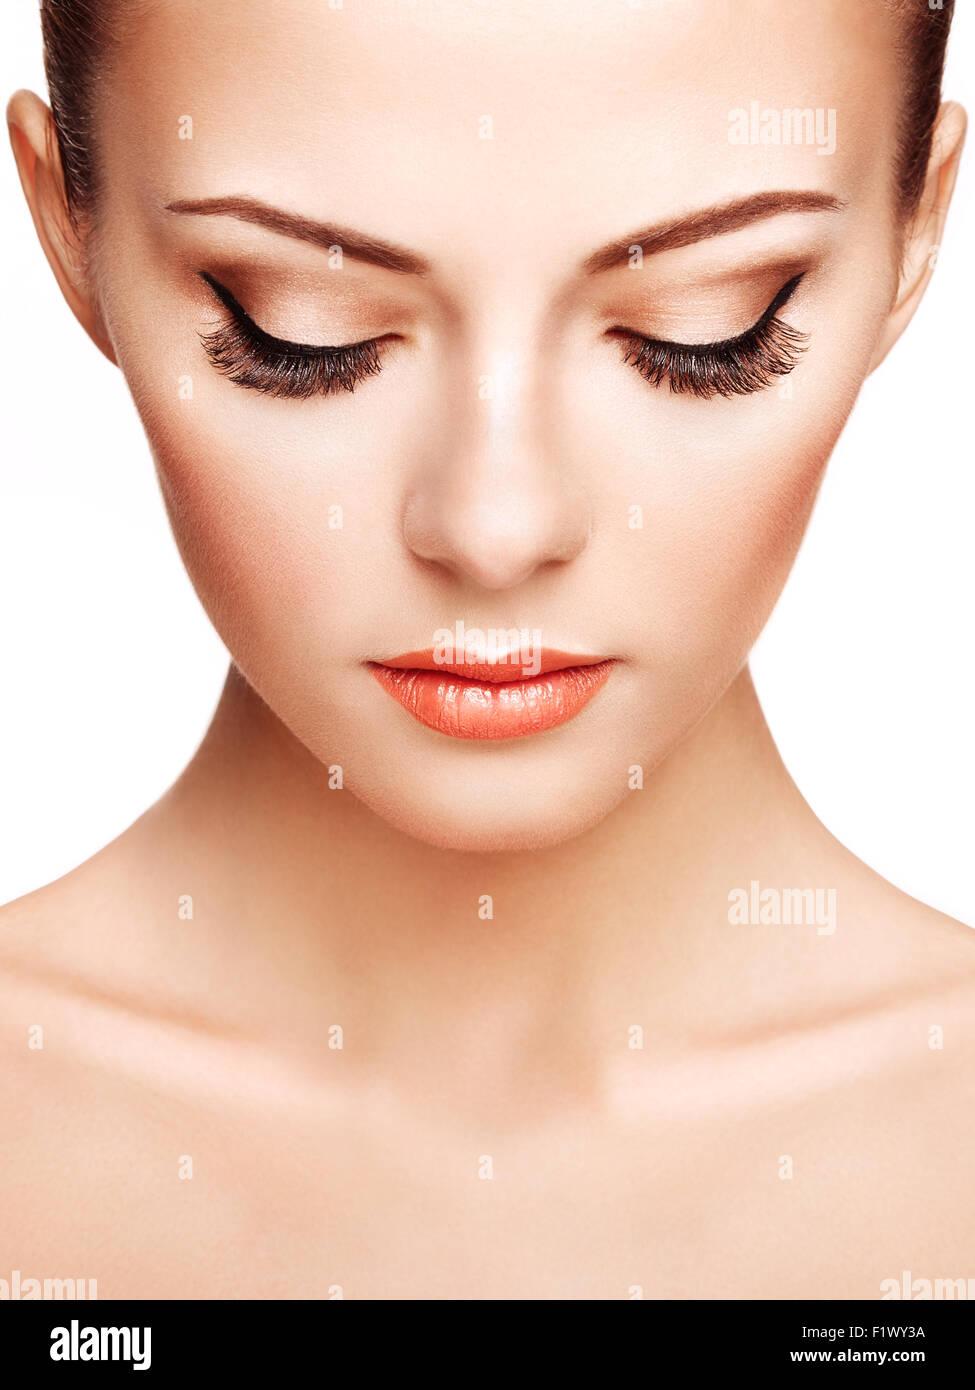 Schöne Frau Gesicht Perfektes Make Up Schönheit Mode Stockfoto